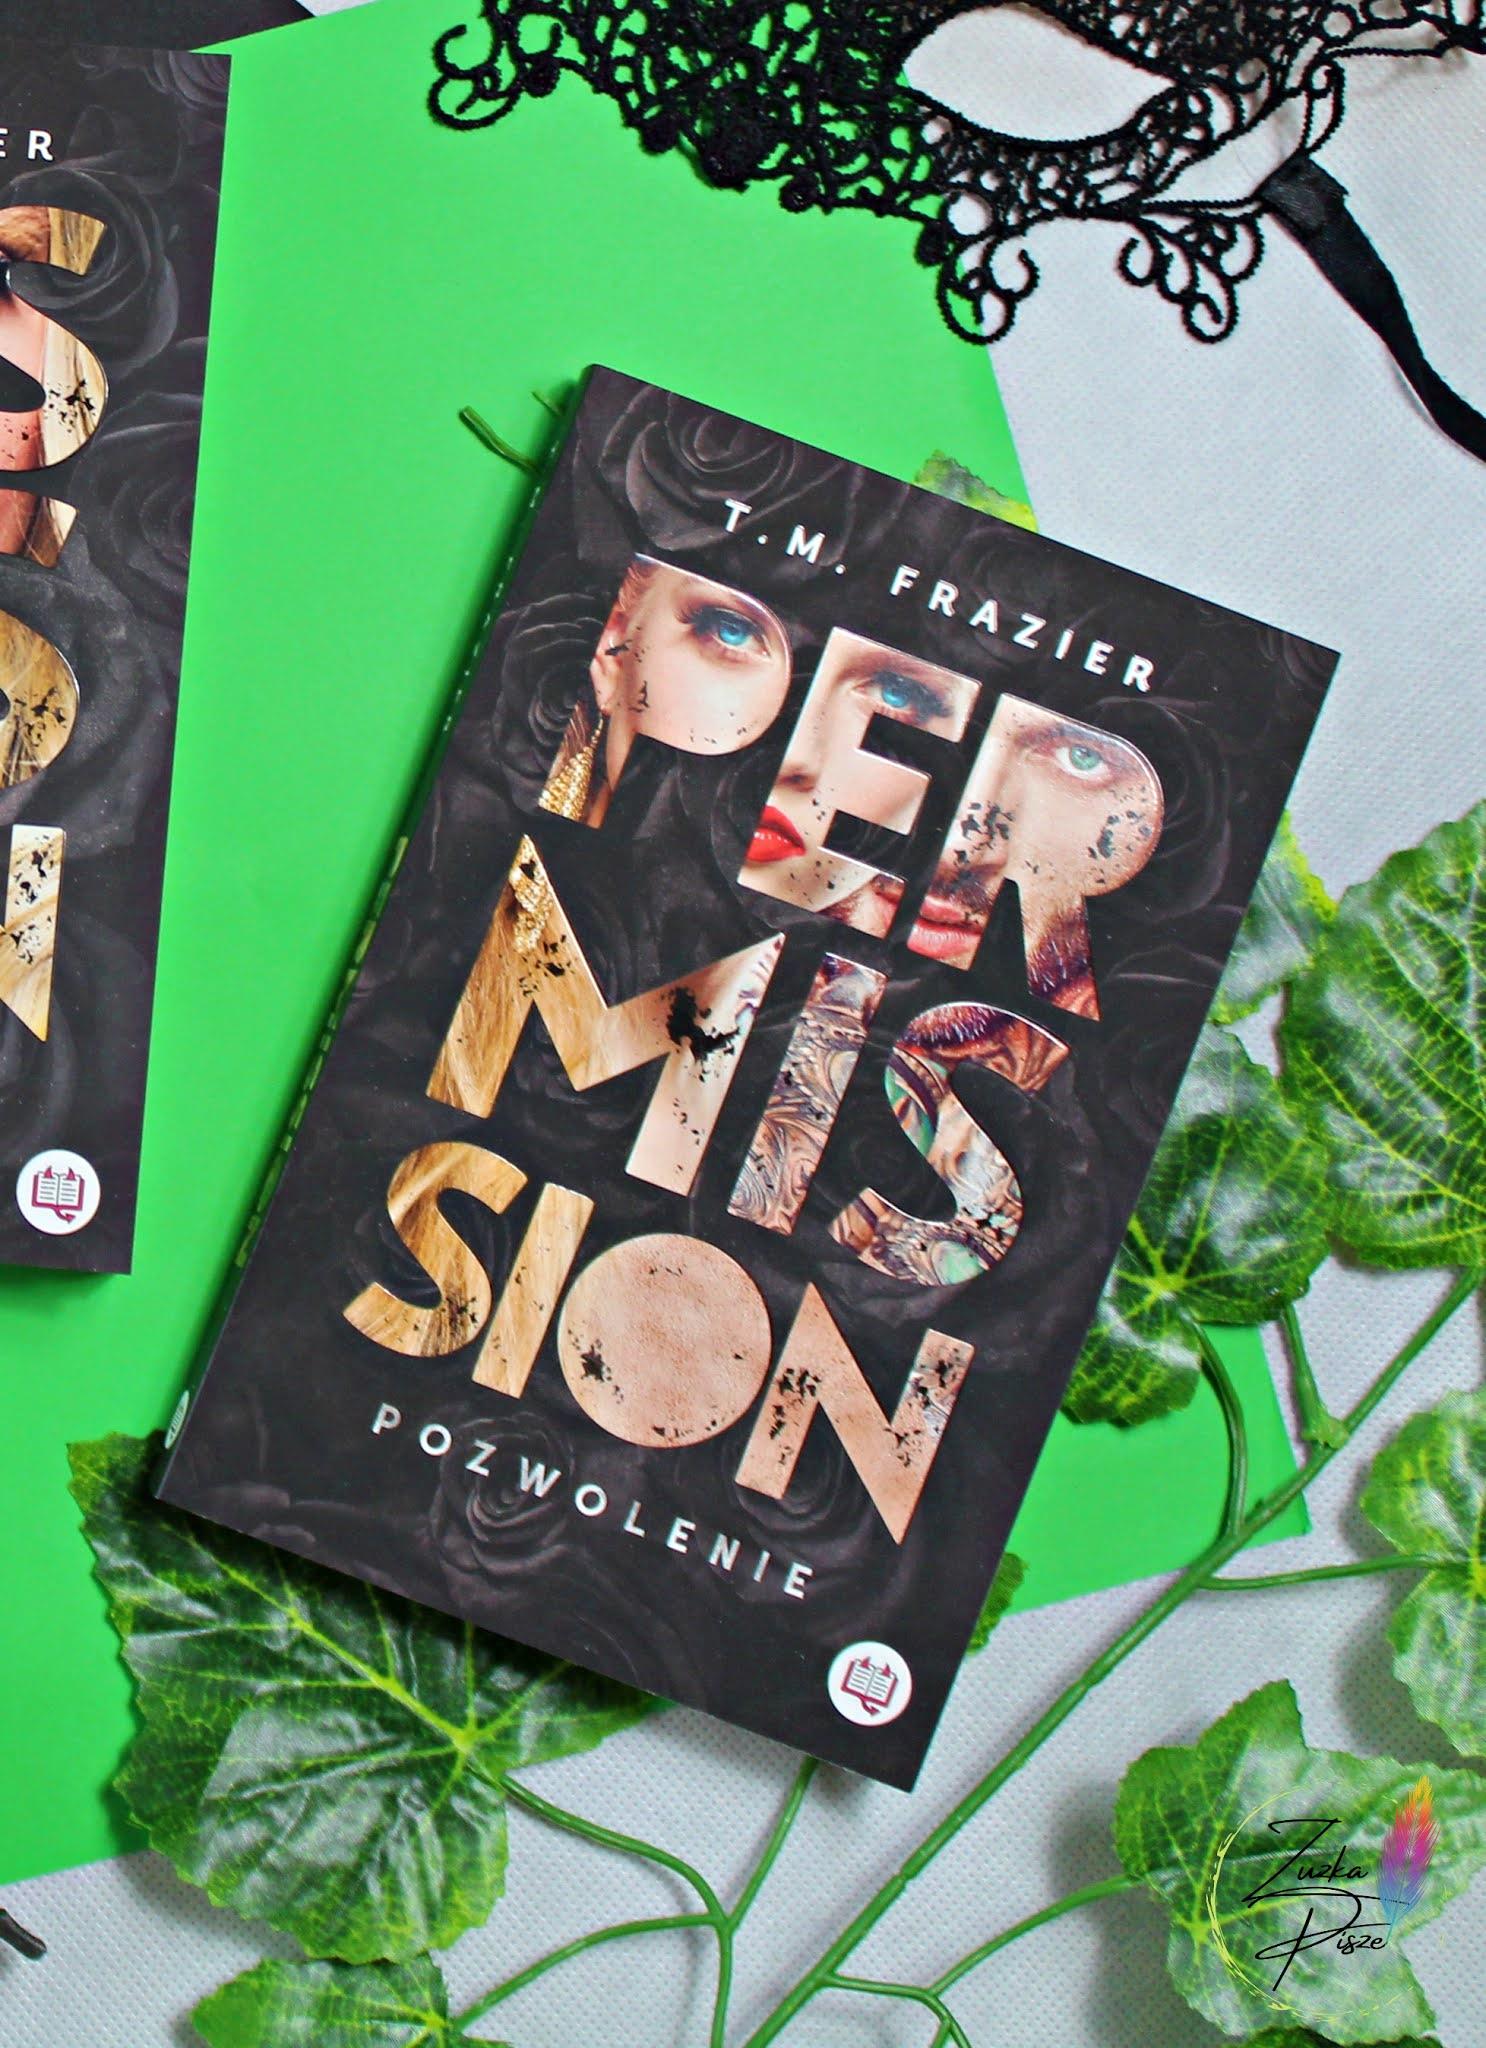 """T. M. Frazier """"Permission. Pozwolenie"""" - recenzja książki"""